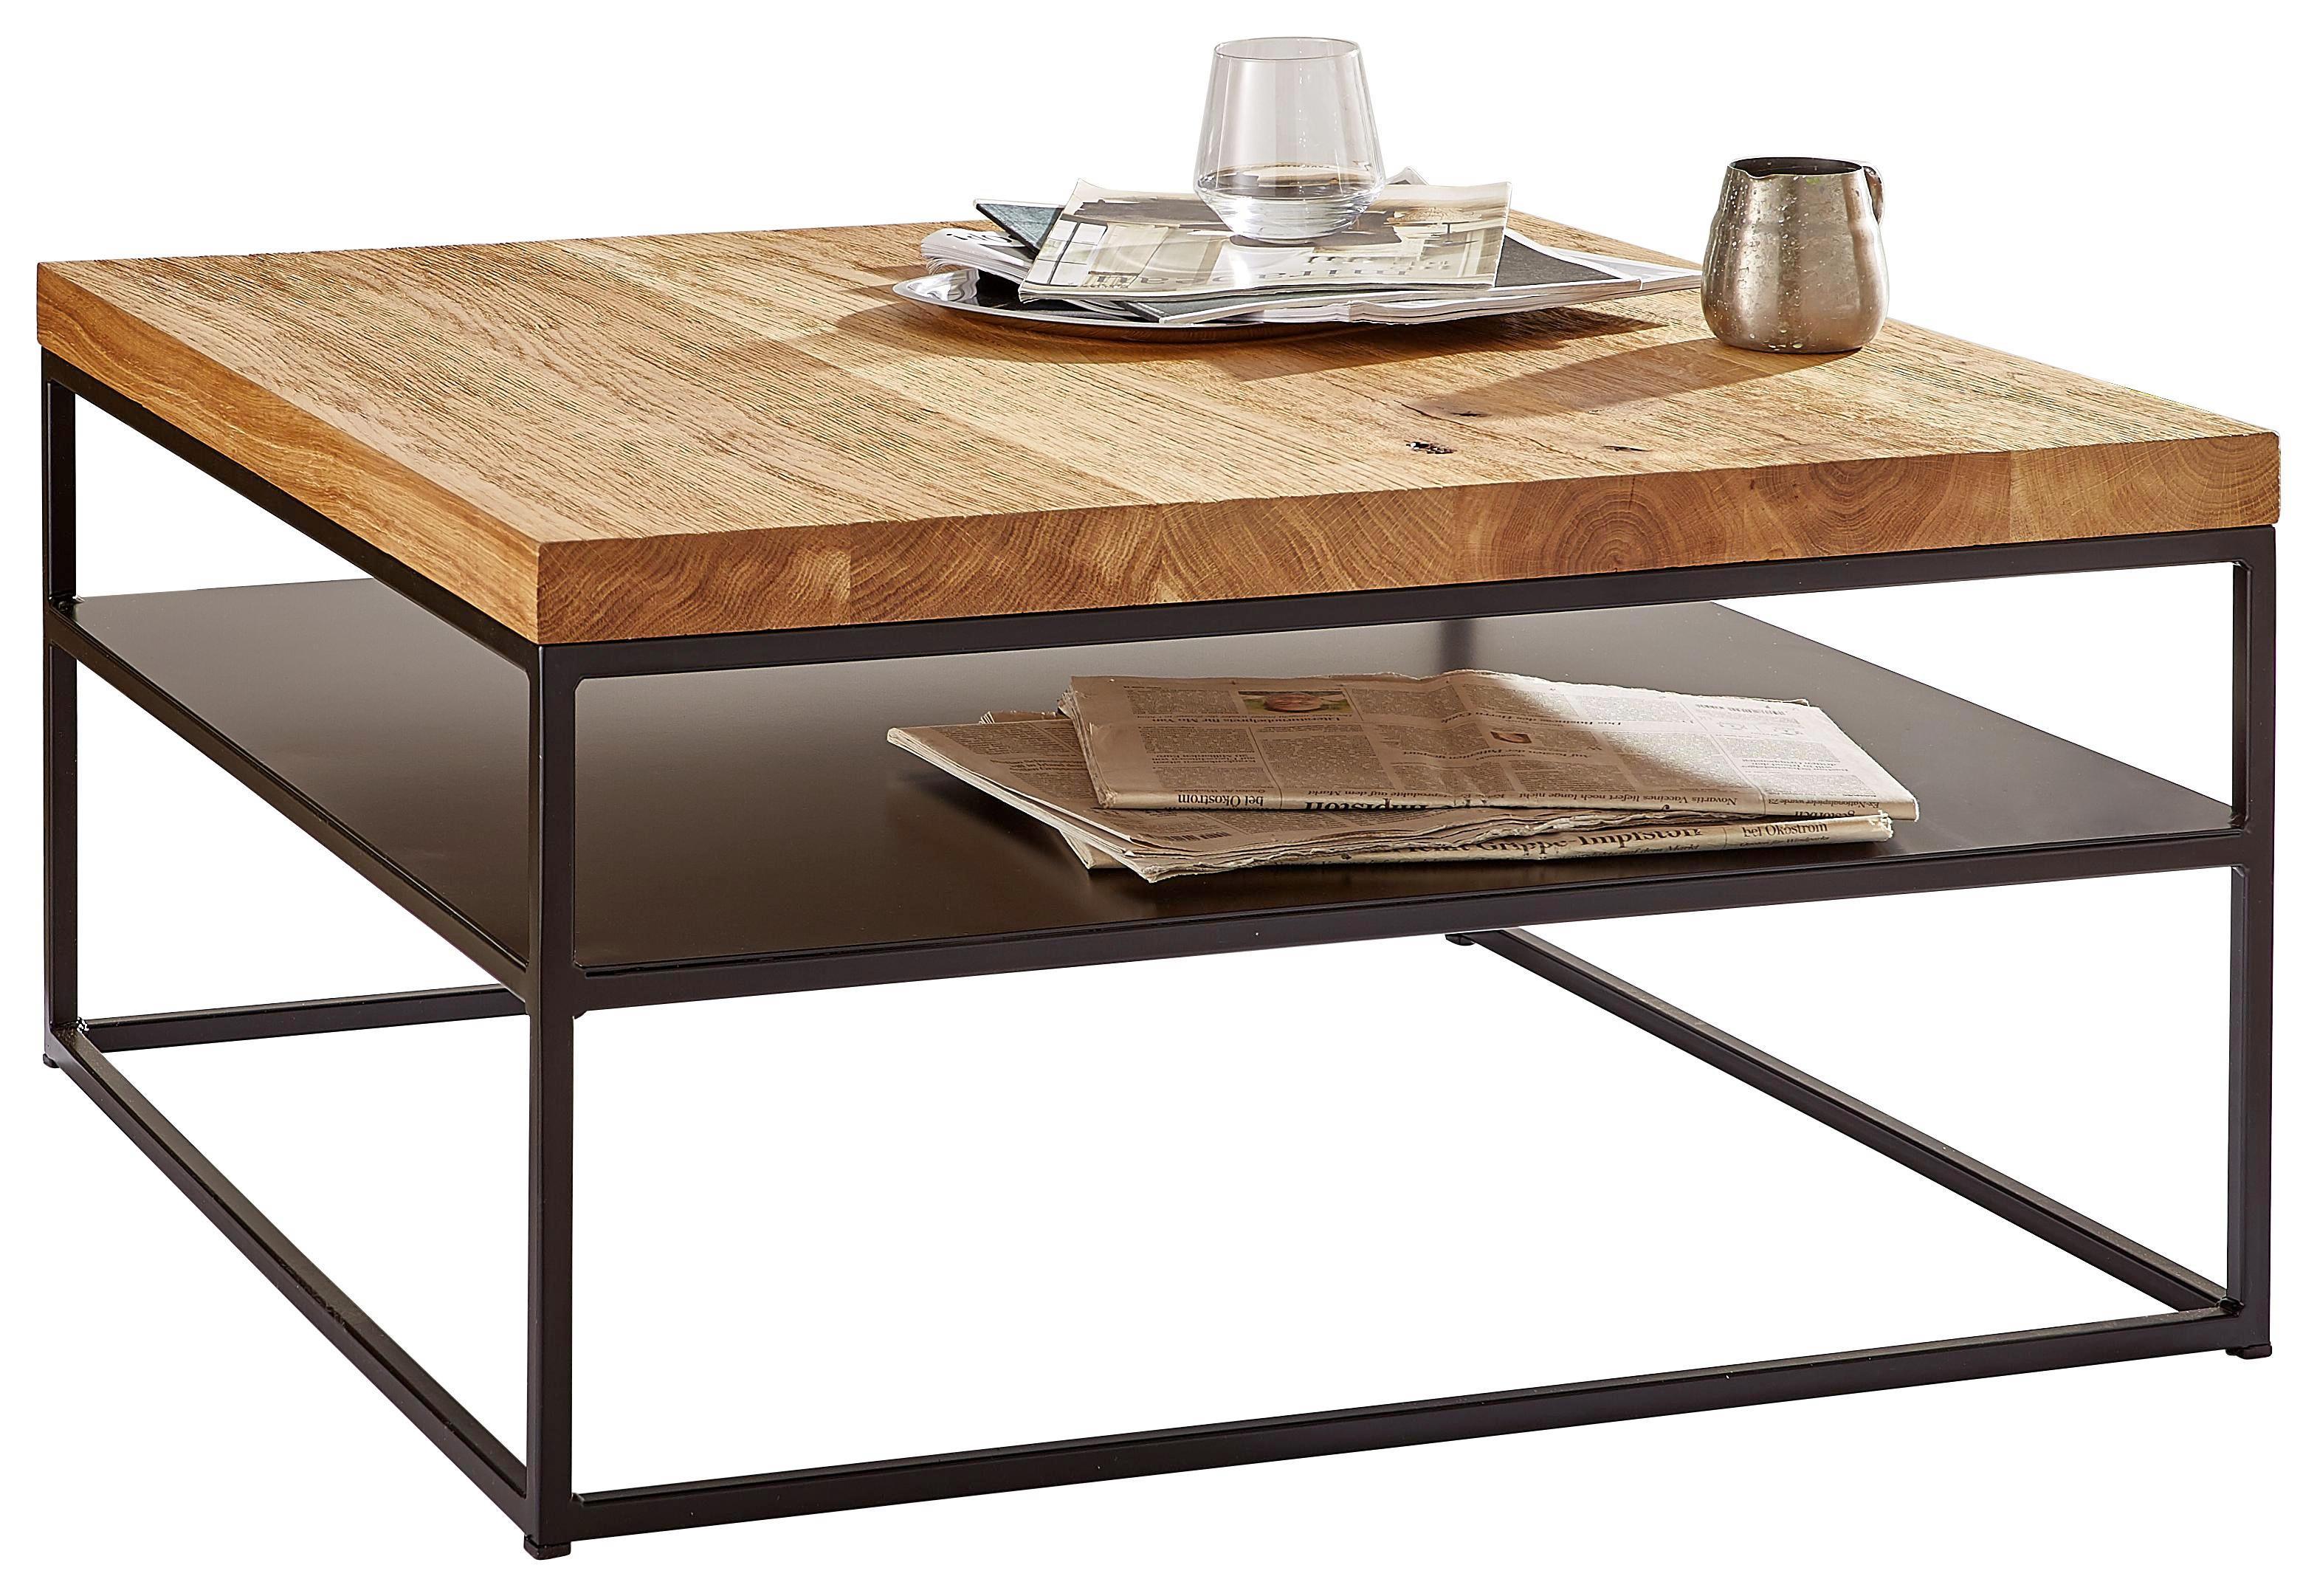 couchtische lutz couchtisch xxl lutz hochauflac2b6send. Black Bedroom Furniture Sets. Home Design Ideas